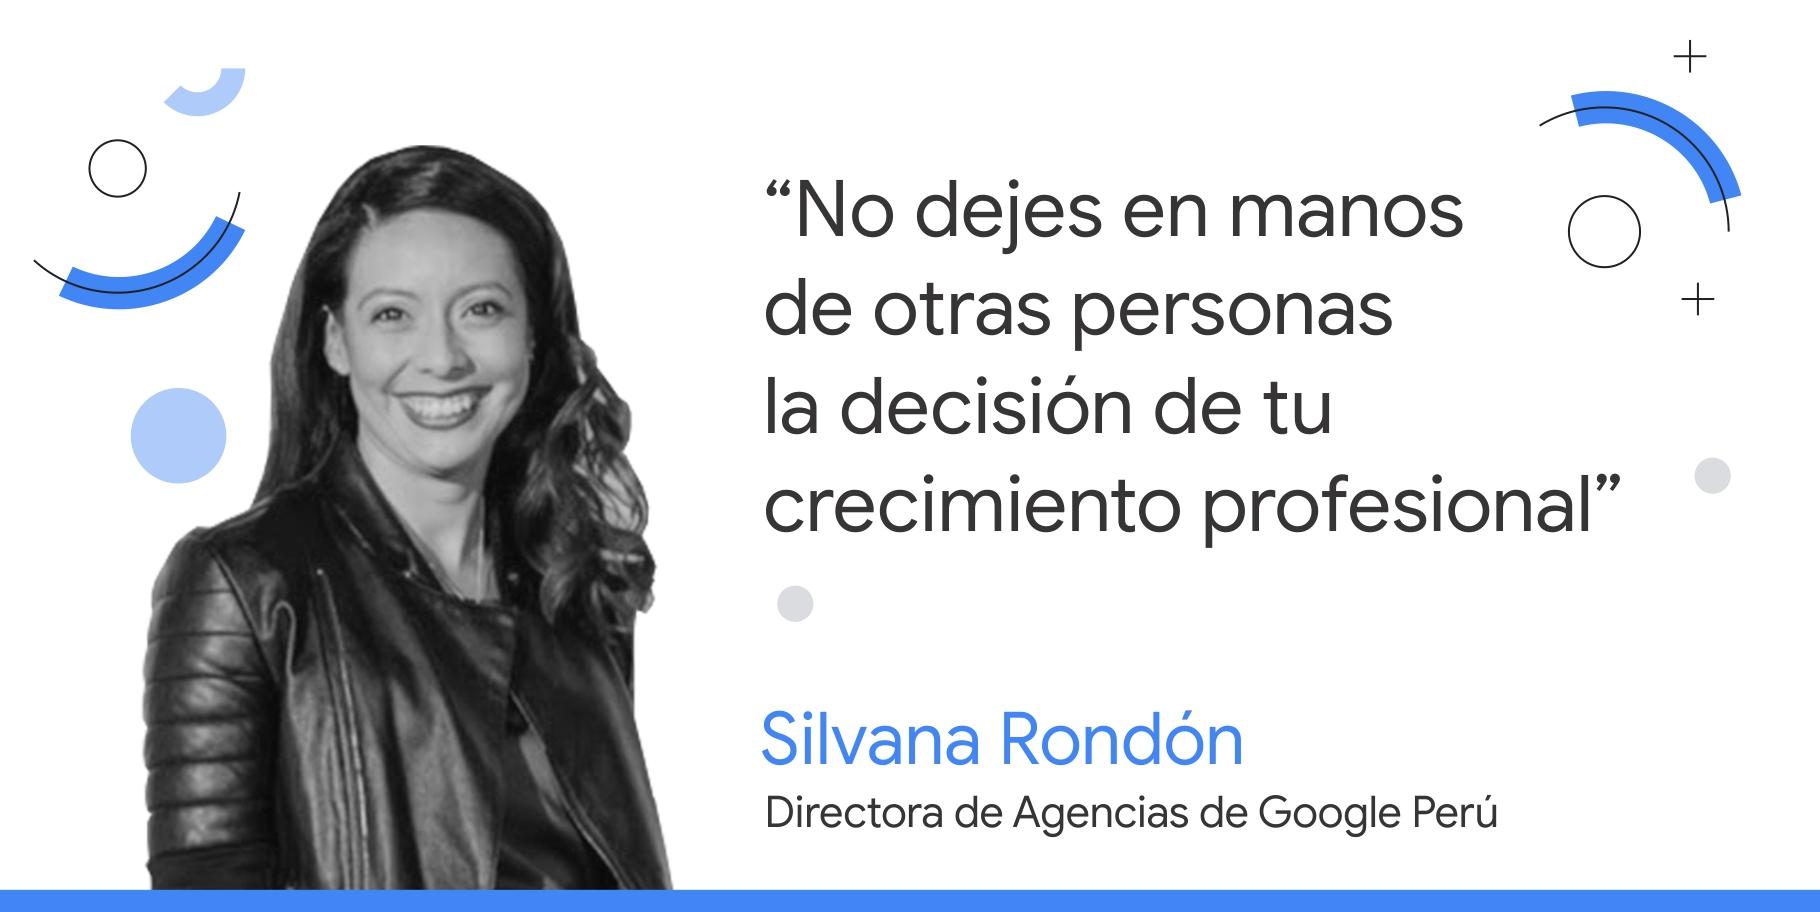 """Foto en blanco y negro de Silvana Rondón, directora de Agencias de Google Perú, junto a su consejo que dice: """"No dejes en manos de otras personas la decisión de tu crecimiento profesional""""."""